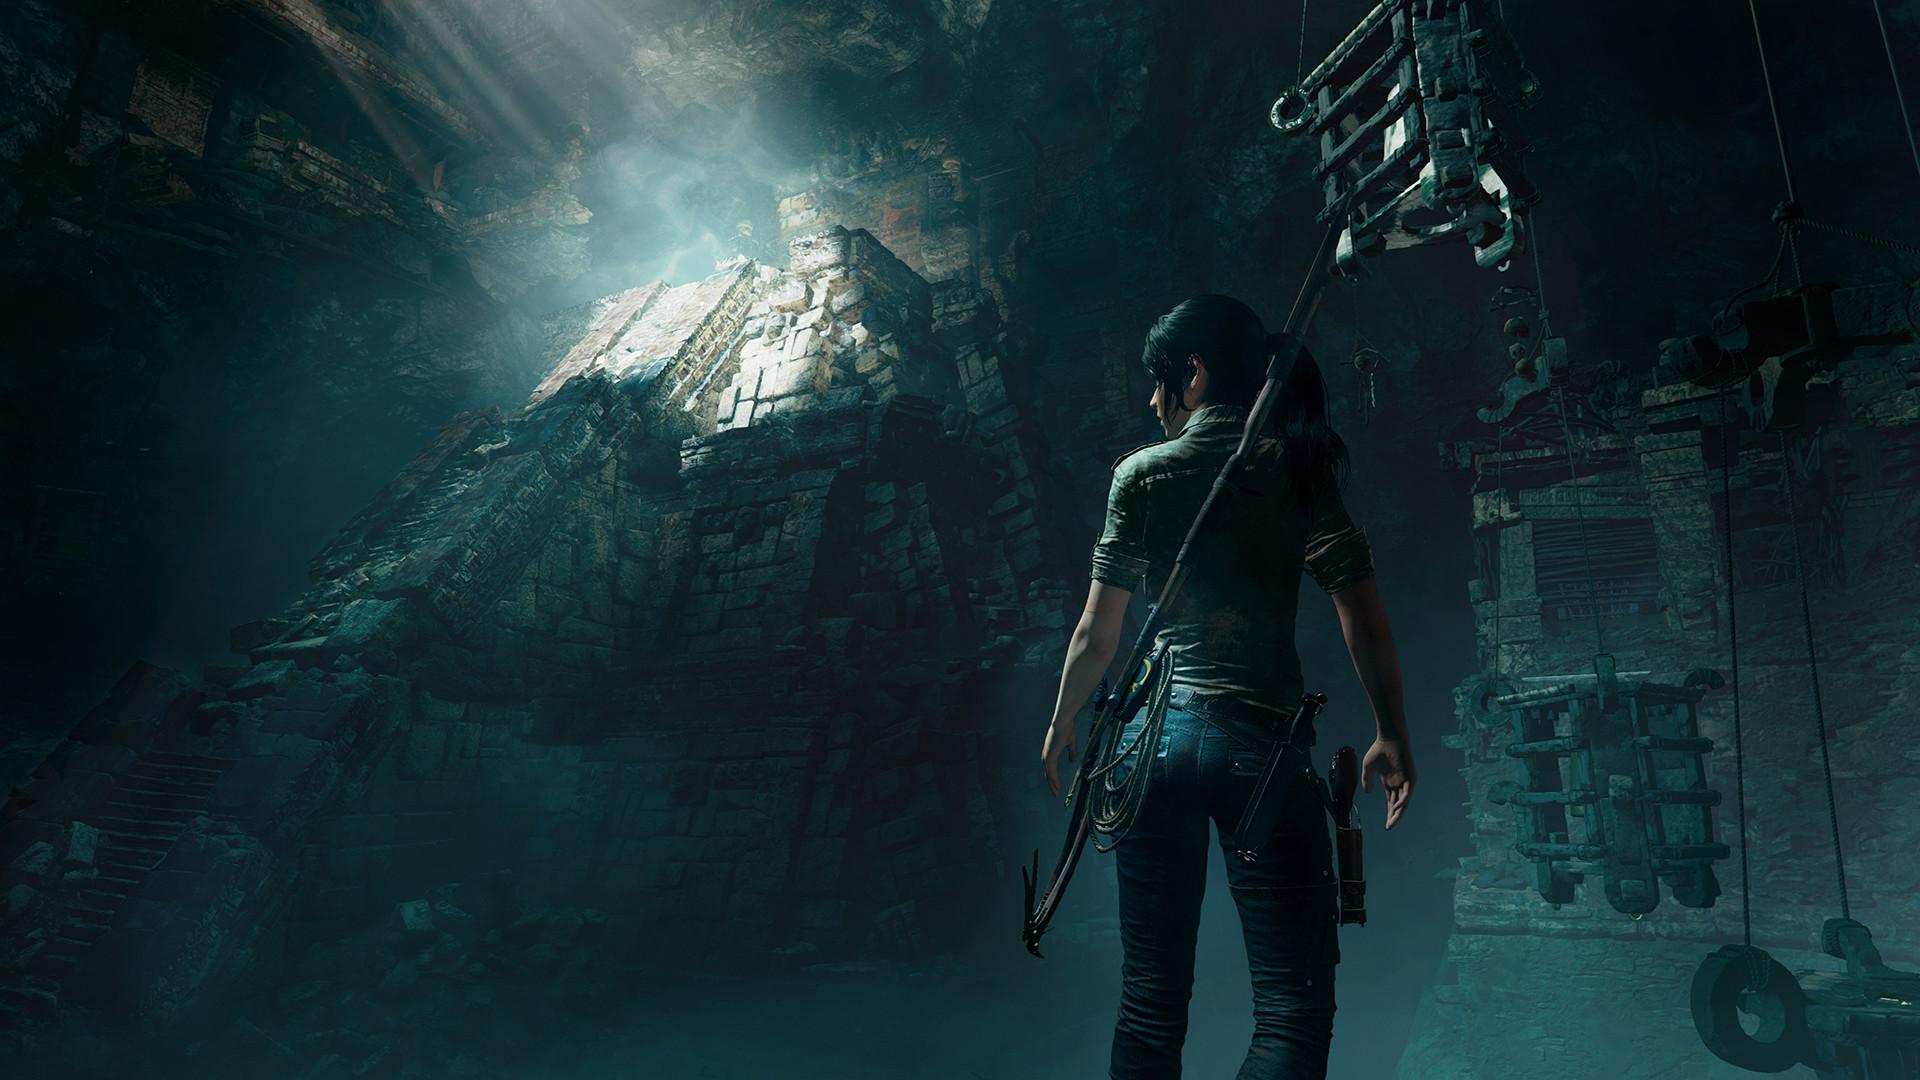 Сложности боя, головоломок и исследования мира в Shadow of the Tomb Raider будут регулироваться отдельно друг от друга